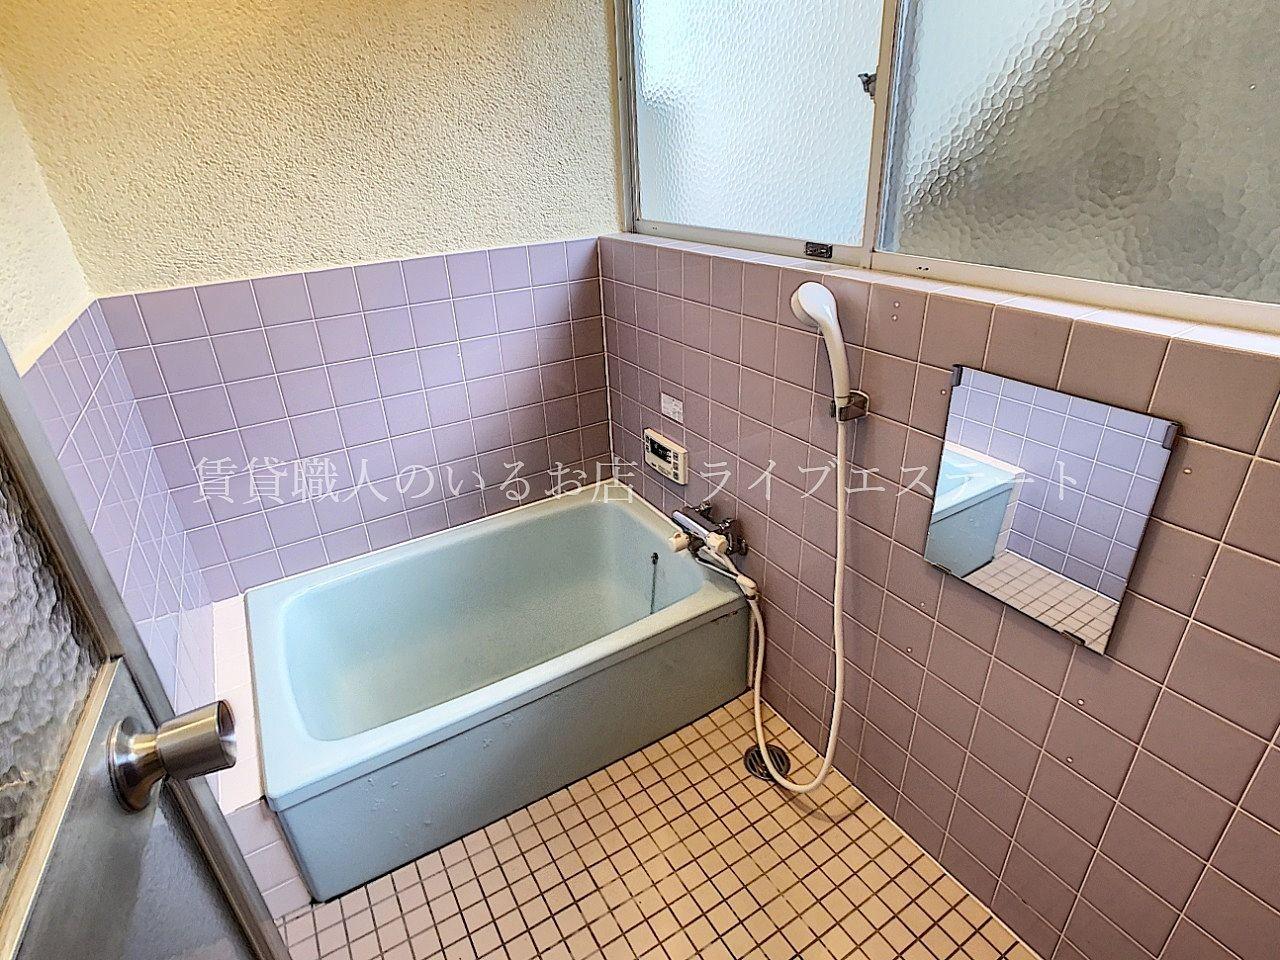 追炊き機能付きです!すぐお湯がぬるくなる寒い季節もあったかいお風呂に入れます